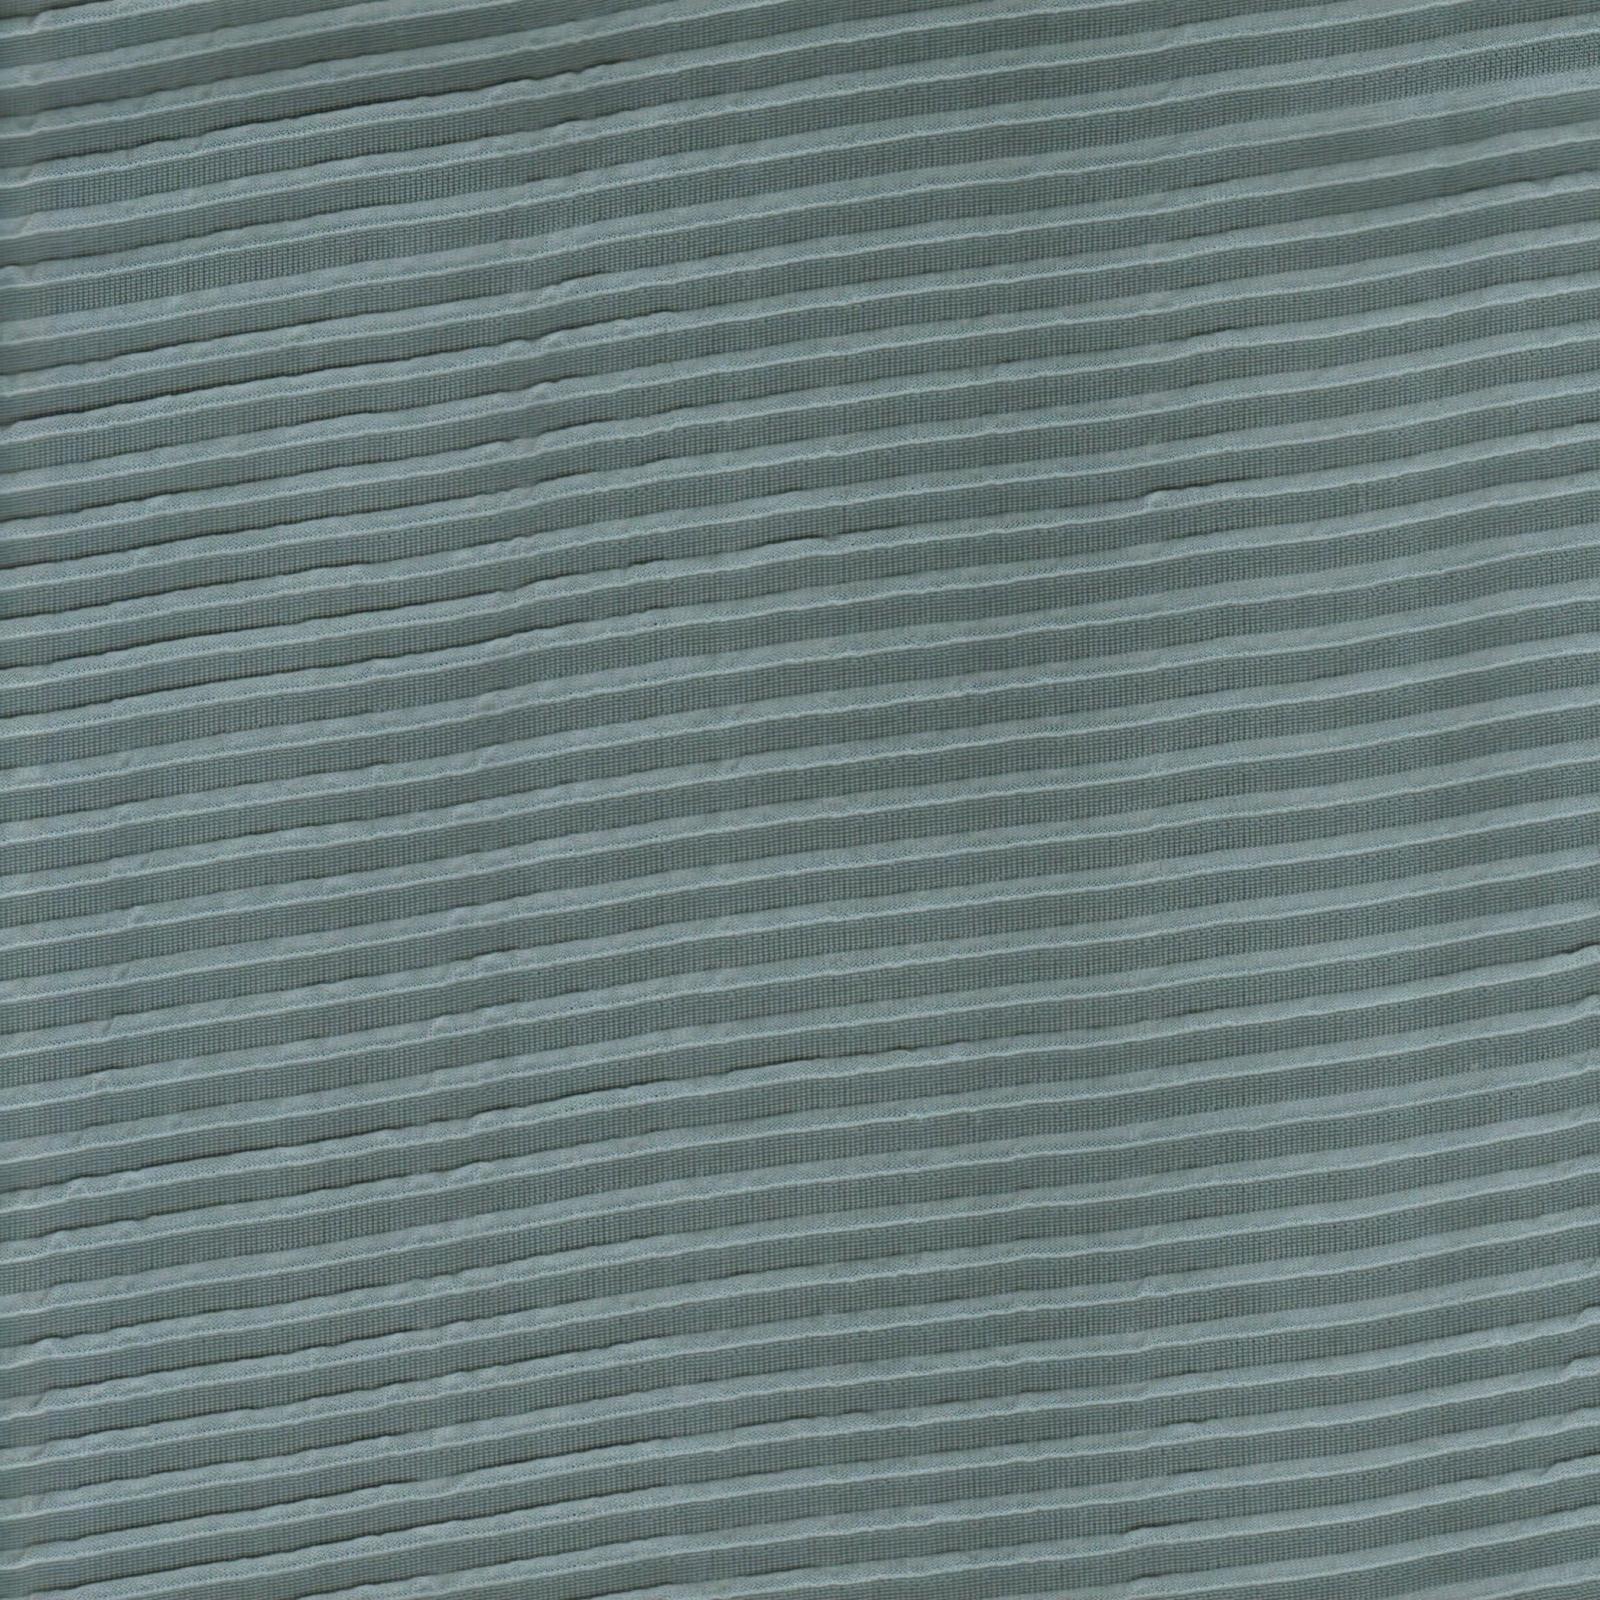 MRSK0129